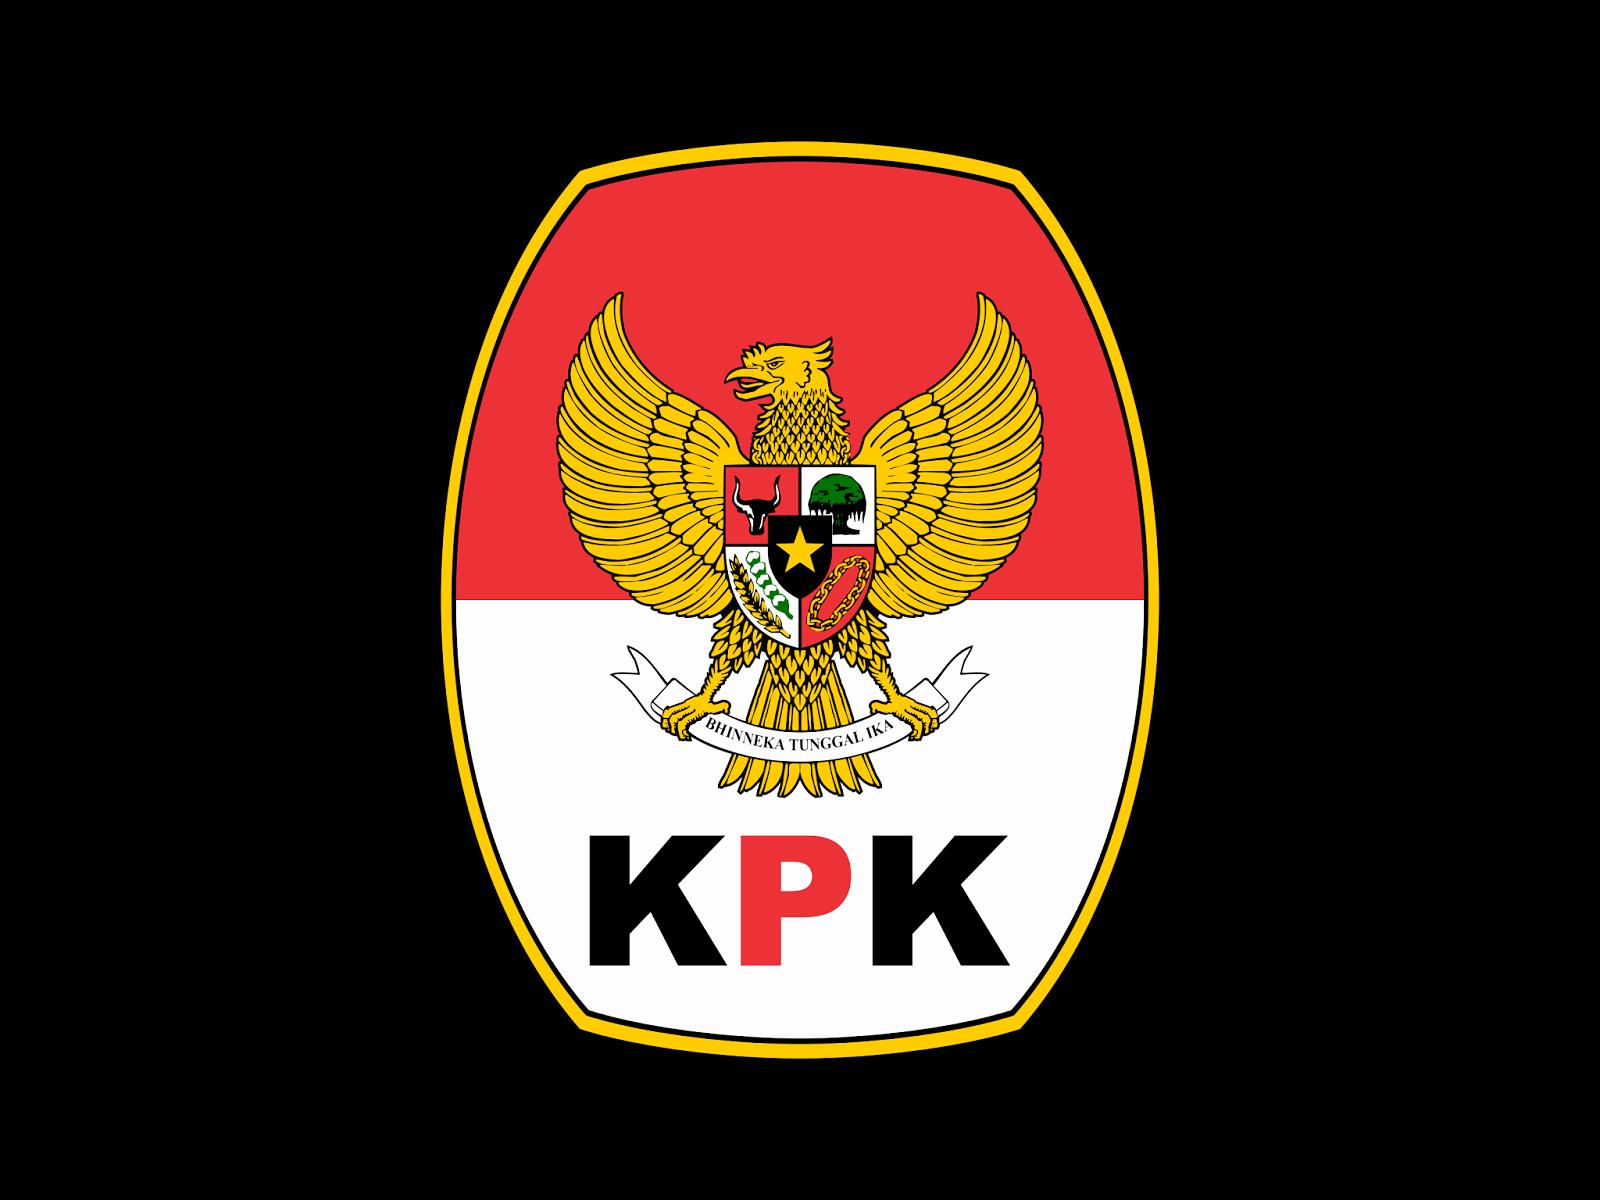 kpk298291885.png